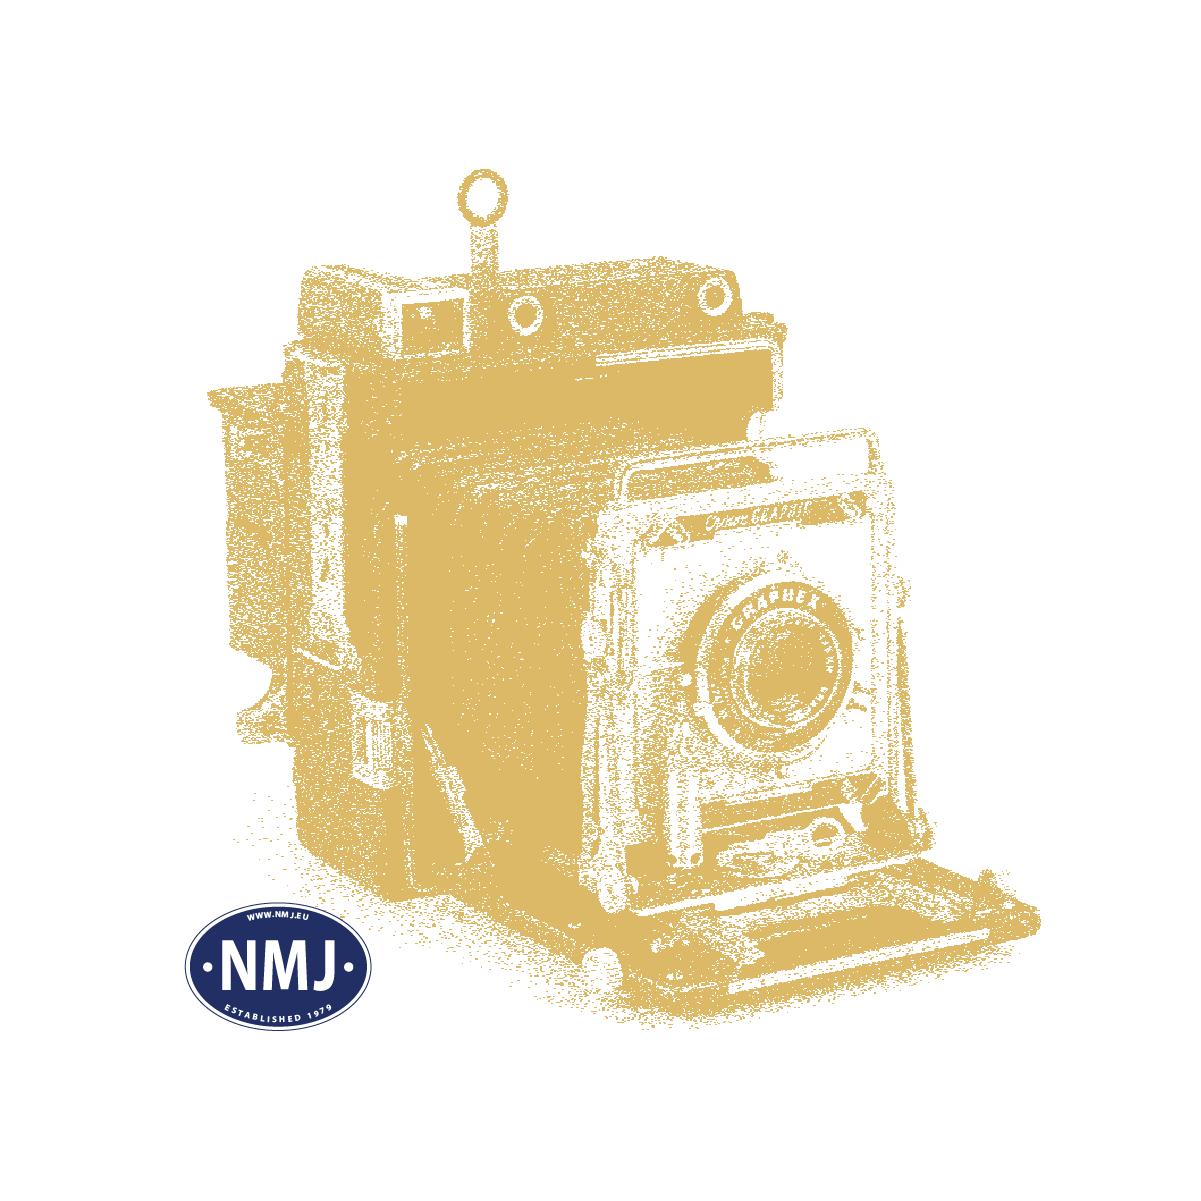 NMJT504.204 - NMJ Topline NSB G5 44204, Original Versjon